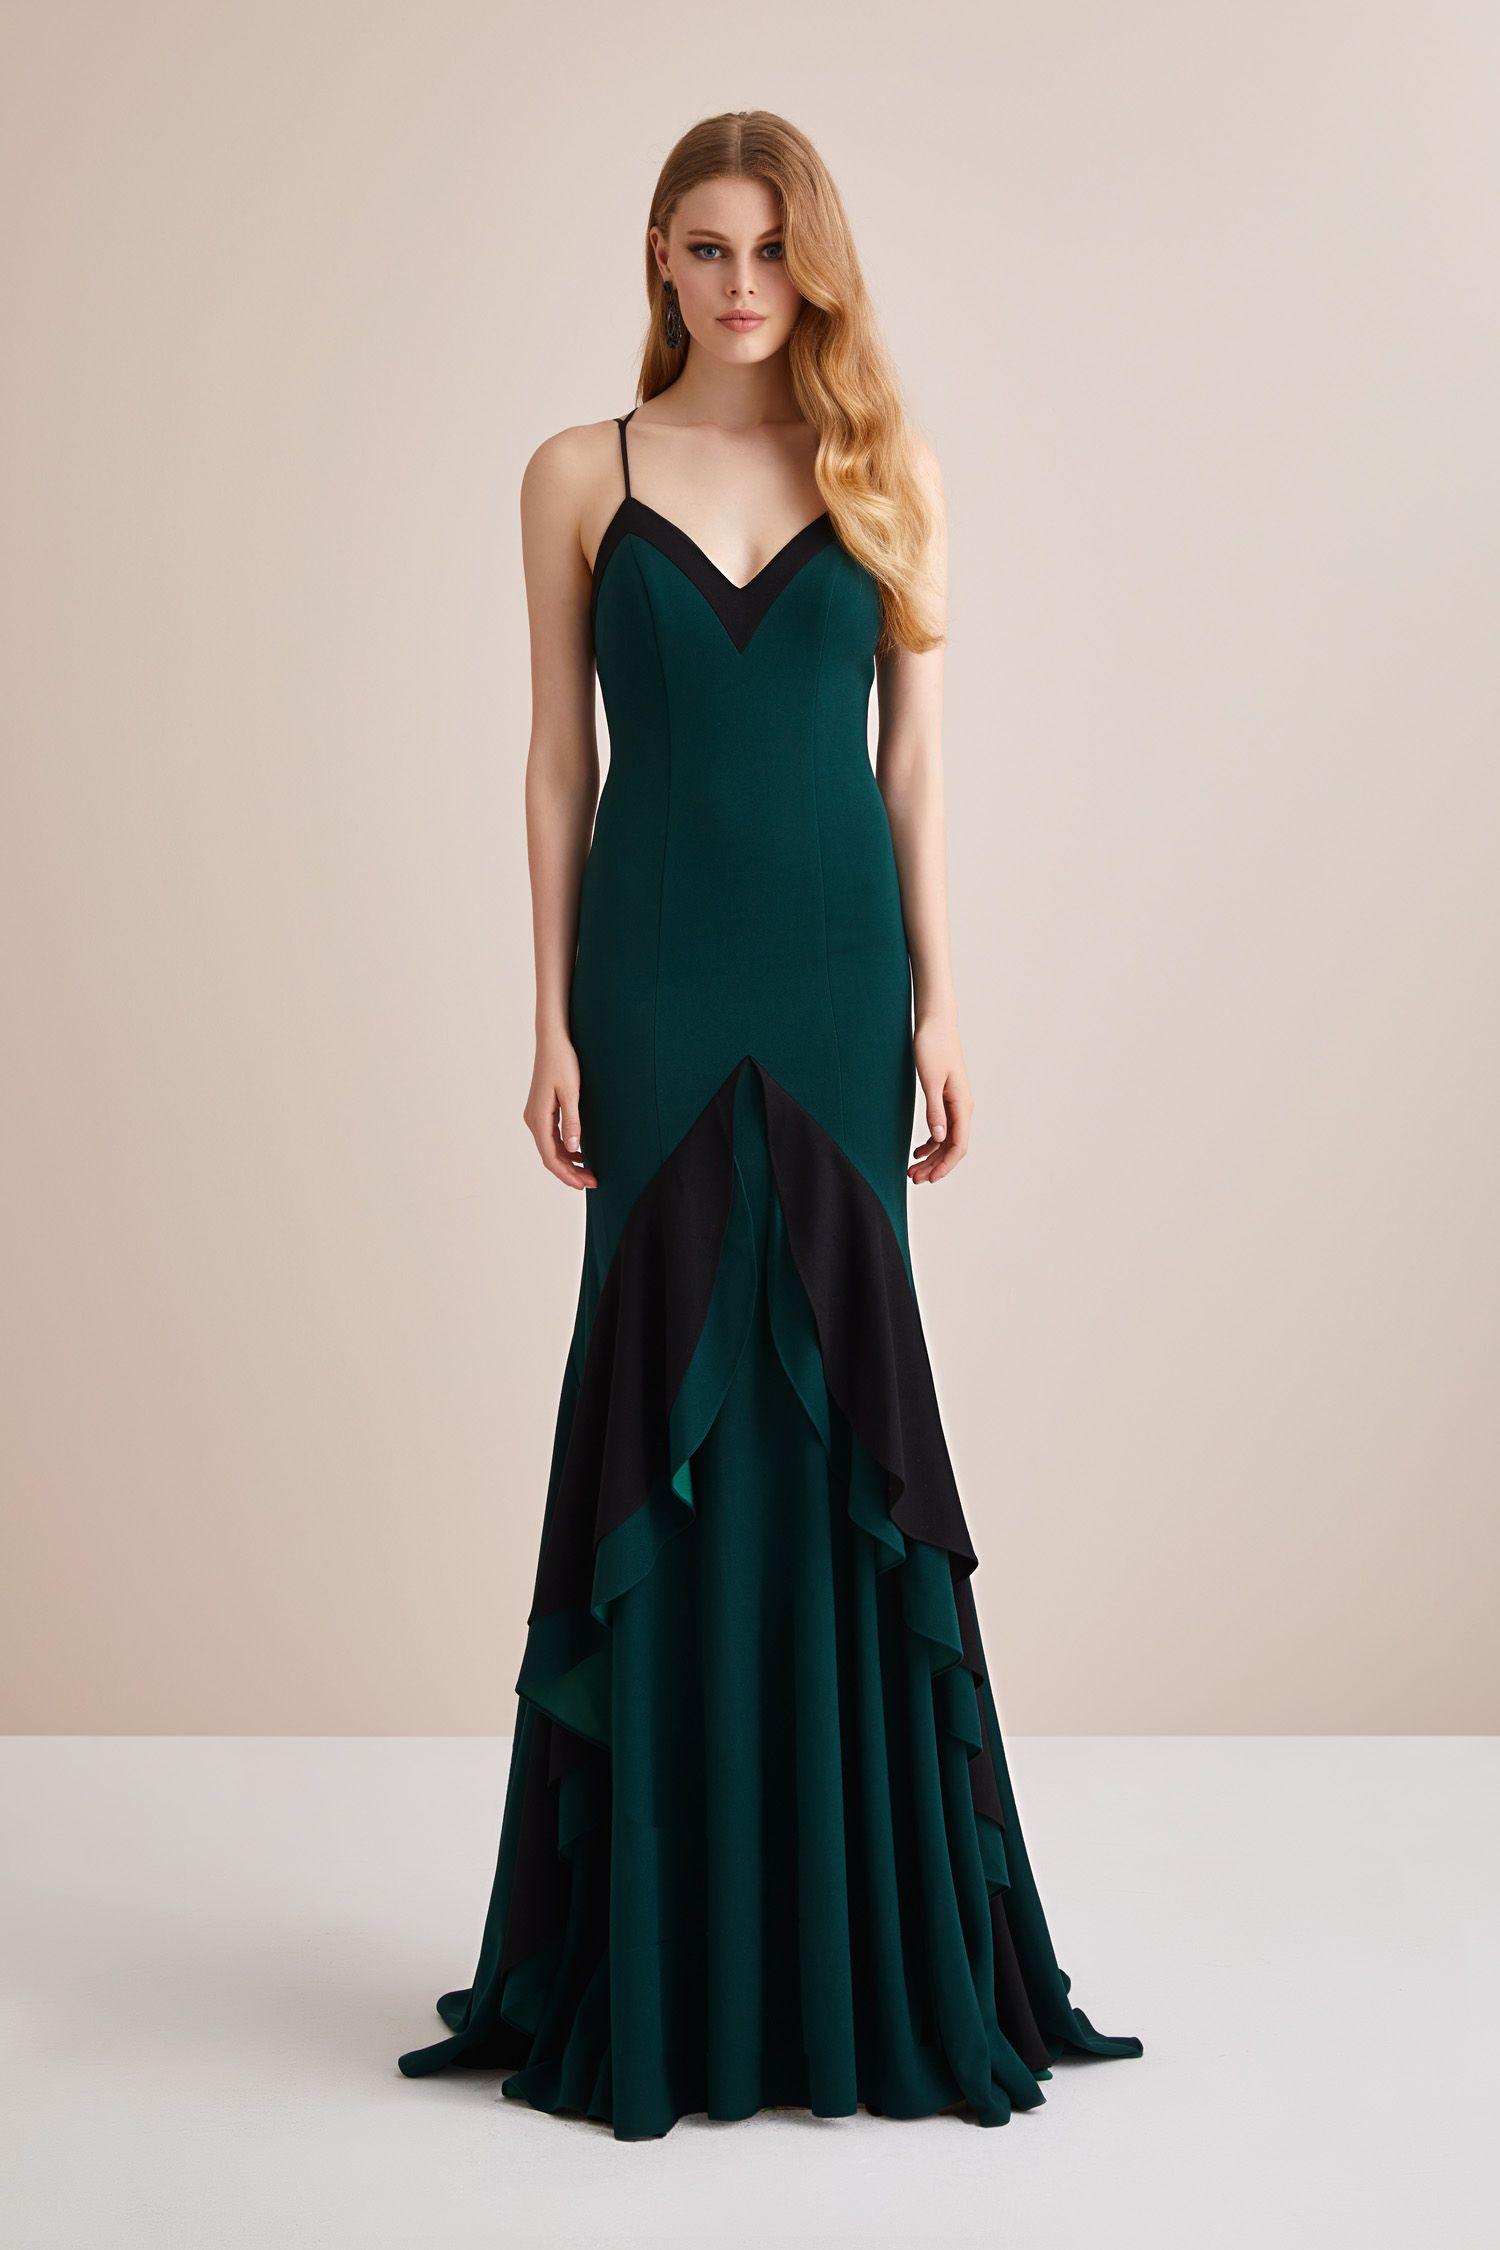 01fba59117290 Askılı Krep Koyu Yeşil Eteği Fırfırlı Abiye Elbise. Düğün gününde gelinin  en yakın arkadaşı Nedimeler şıklığını Oleg Cassini ile tamamlıyor.